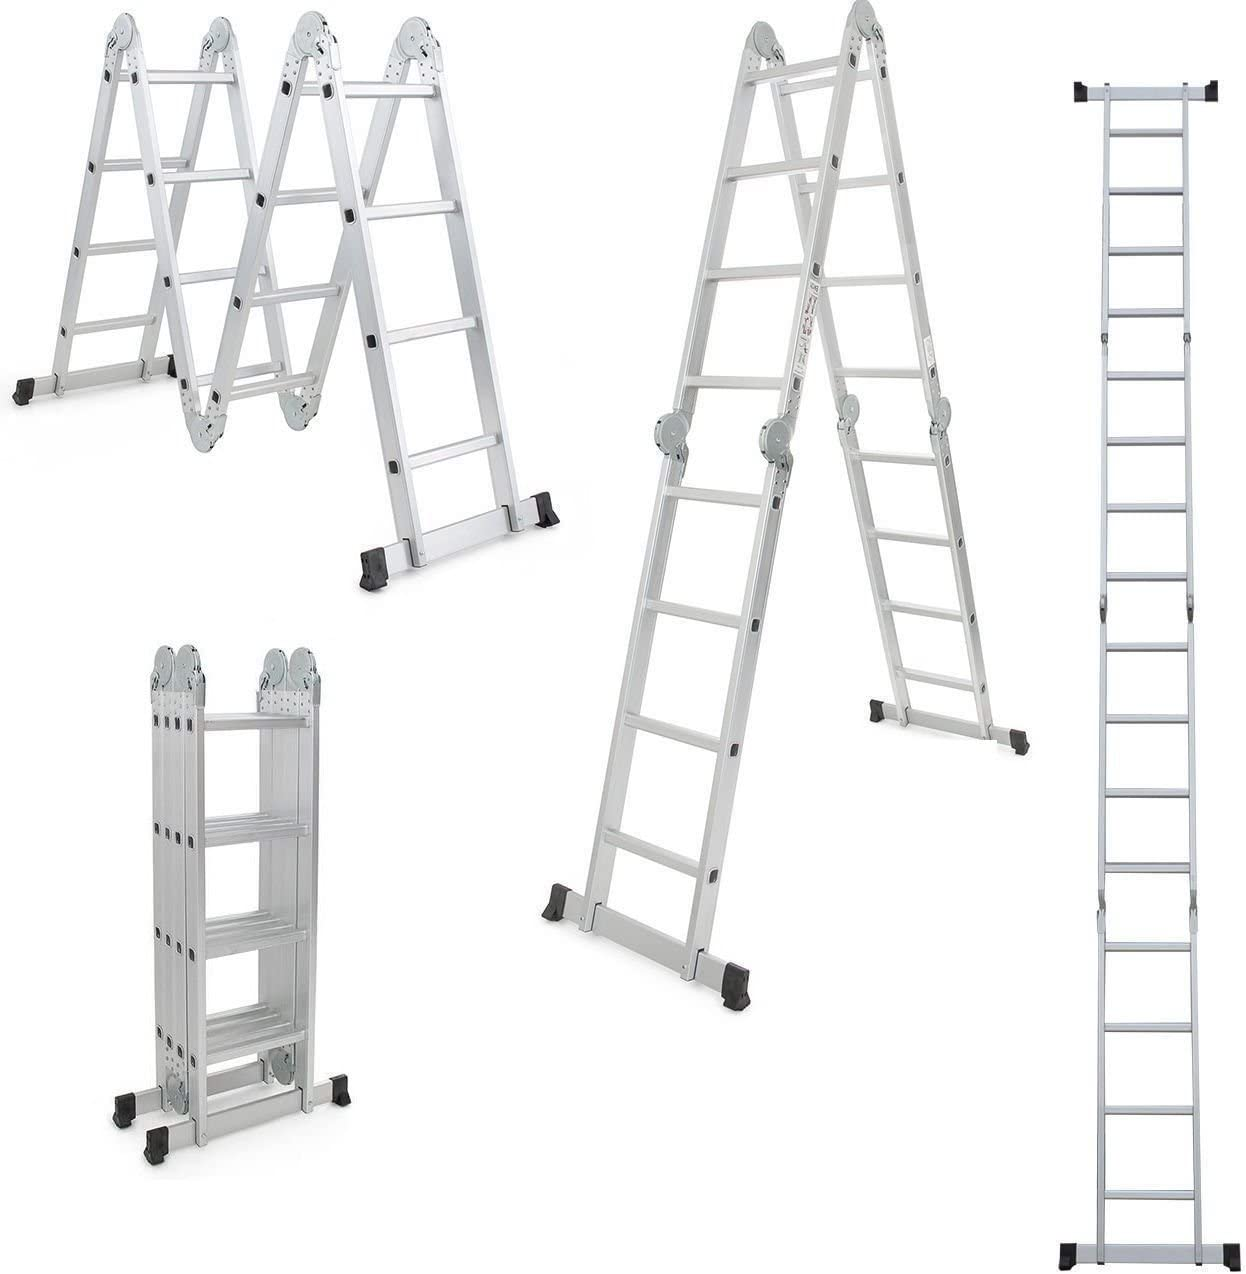 Keraiz STL-274-4.7M - Escalera de extensión plegable (aluminio, 4,75 m, 4 x 4, con plataforma), color plateado: Amazon.es: Bricolaje y herramientas